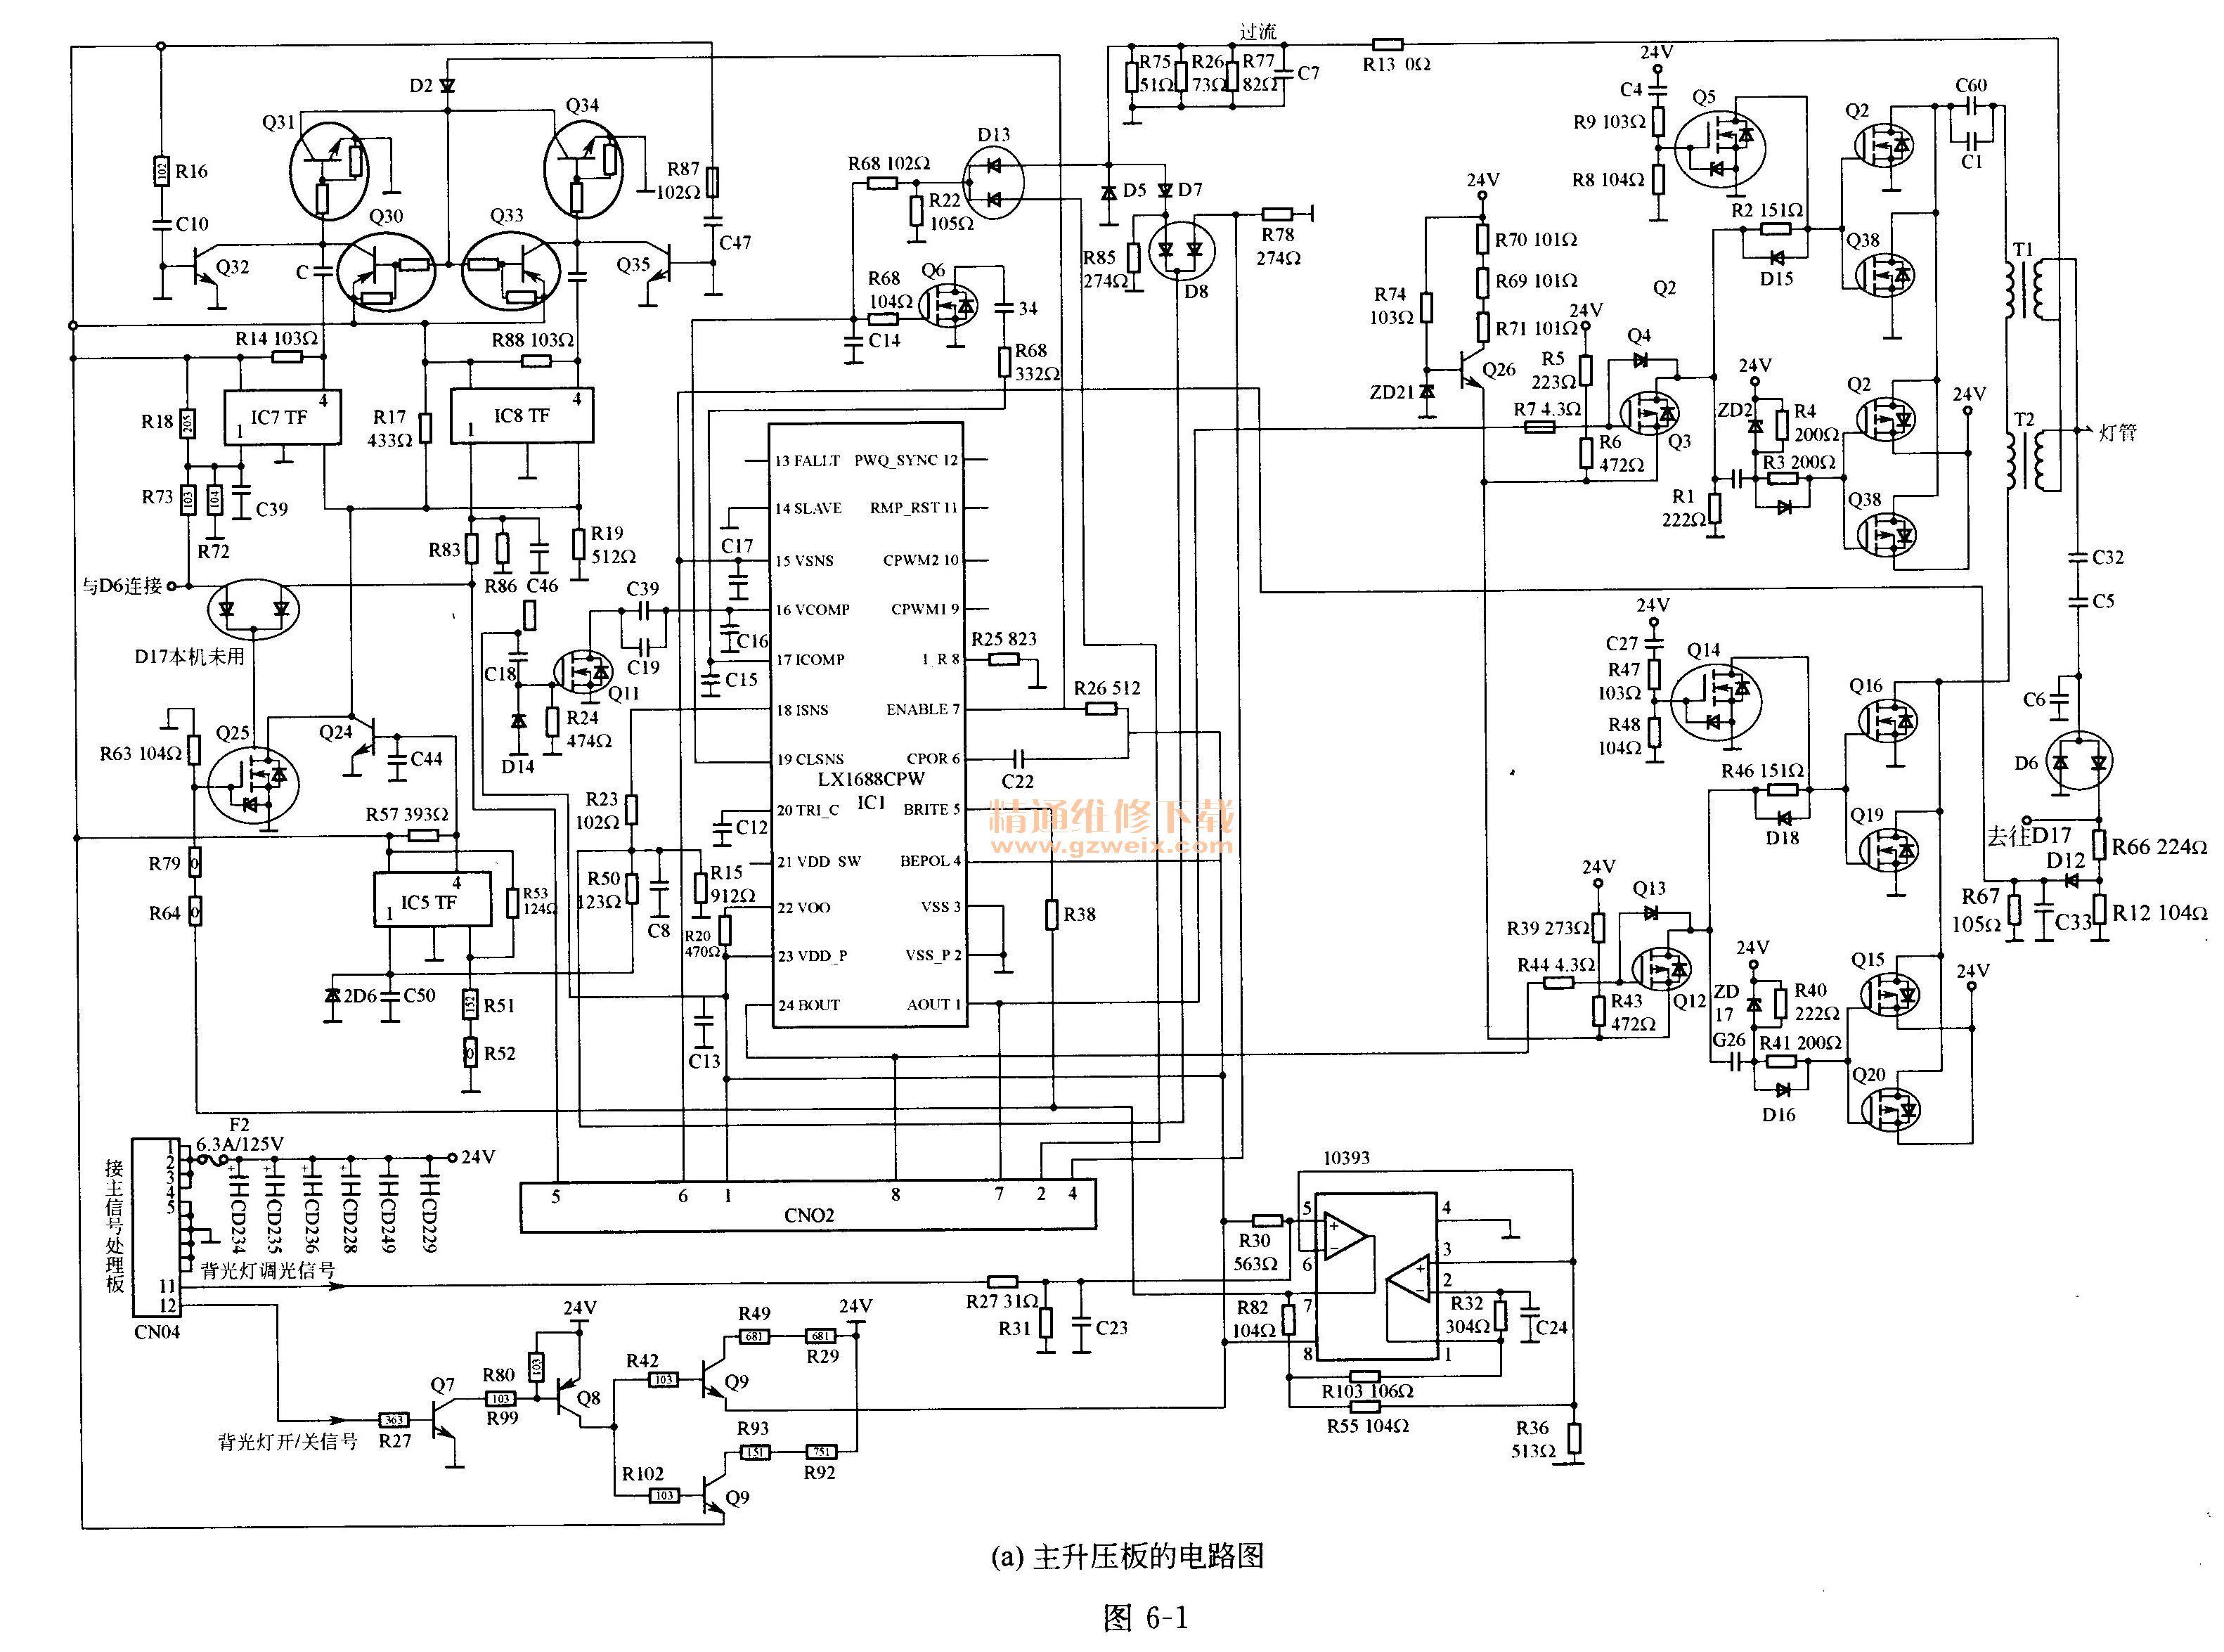 第6章 背光灯升压板维修 目前液晶电视机背光源,一般采用CCFE冷阴极荧光灯,只有少数高档机采用LED发光二极管。所以,本章以CCFE冷阴极荧光灯型升压板为例进行介绍。 技巧 根据背光灯亮否可以判断背光灯升压板是否工作,有下列情况之一,就可判断背光升压板正常:屏幕亮;黑屏,但从液晶电视机的后盖散孔或拆开后盖可以看到背光灯亮着。 经验 对于背光灯不亮造成的黑屏,斜视或在强光下可以隐约看到图像,要对背光灯升压板进行检查,重点是其上的保险管、高压变压器、MQS驱动管;对于开机屏亮一下黑屏,需要确认背光灯管及插座